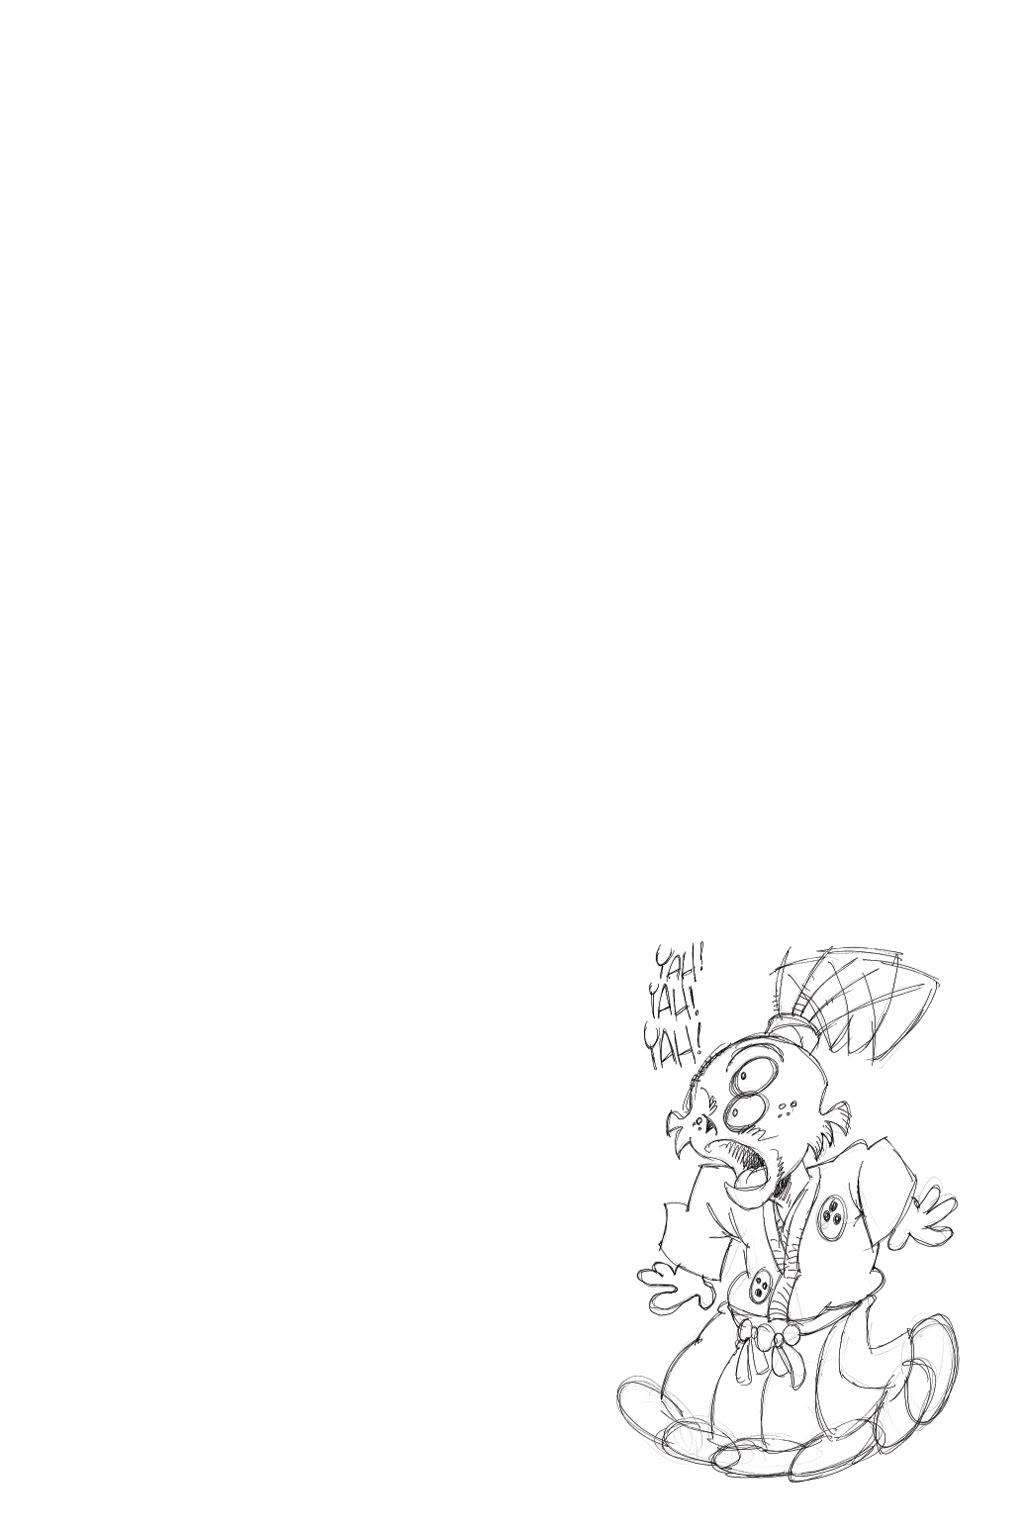 Read online Usagi Yojimbo: Yokai comic -  Issue # Full - 58